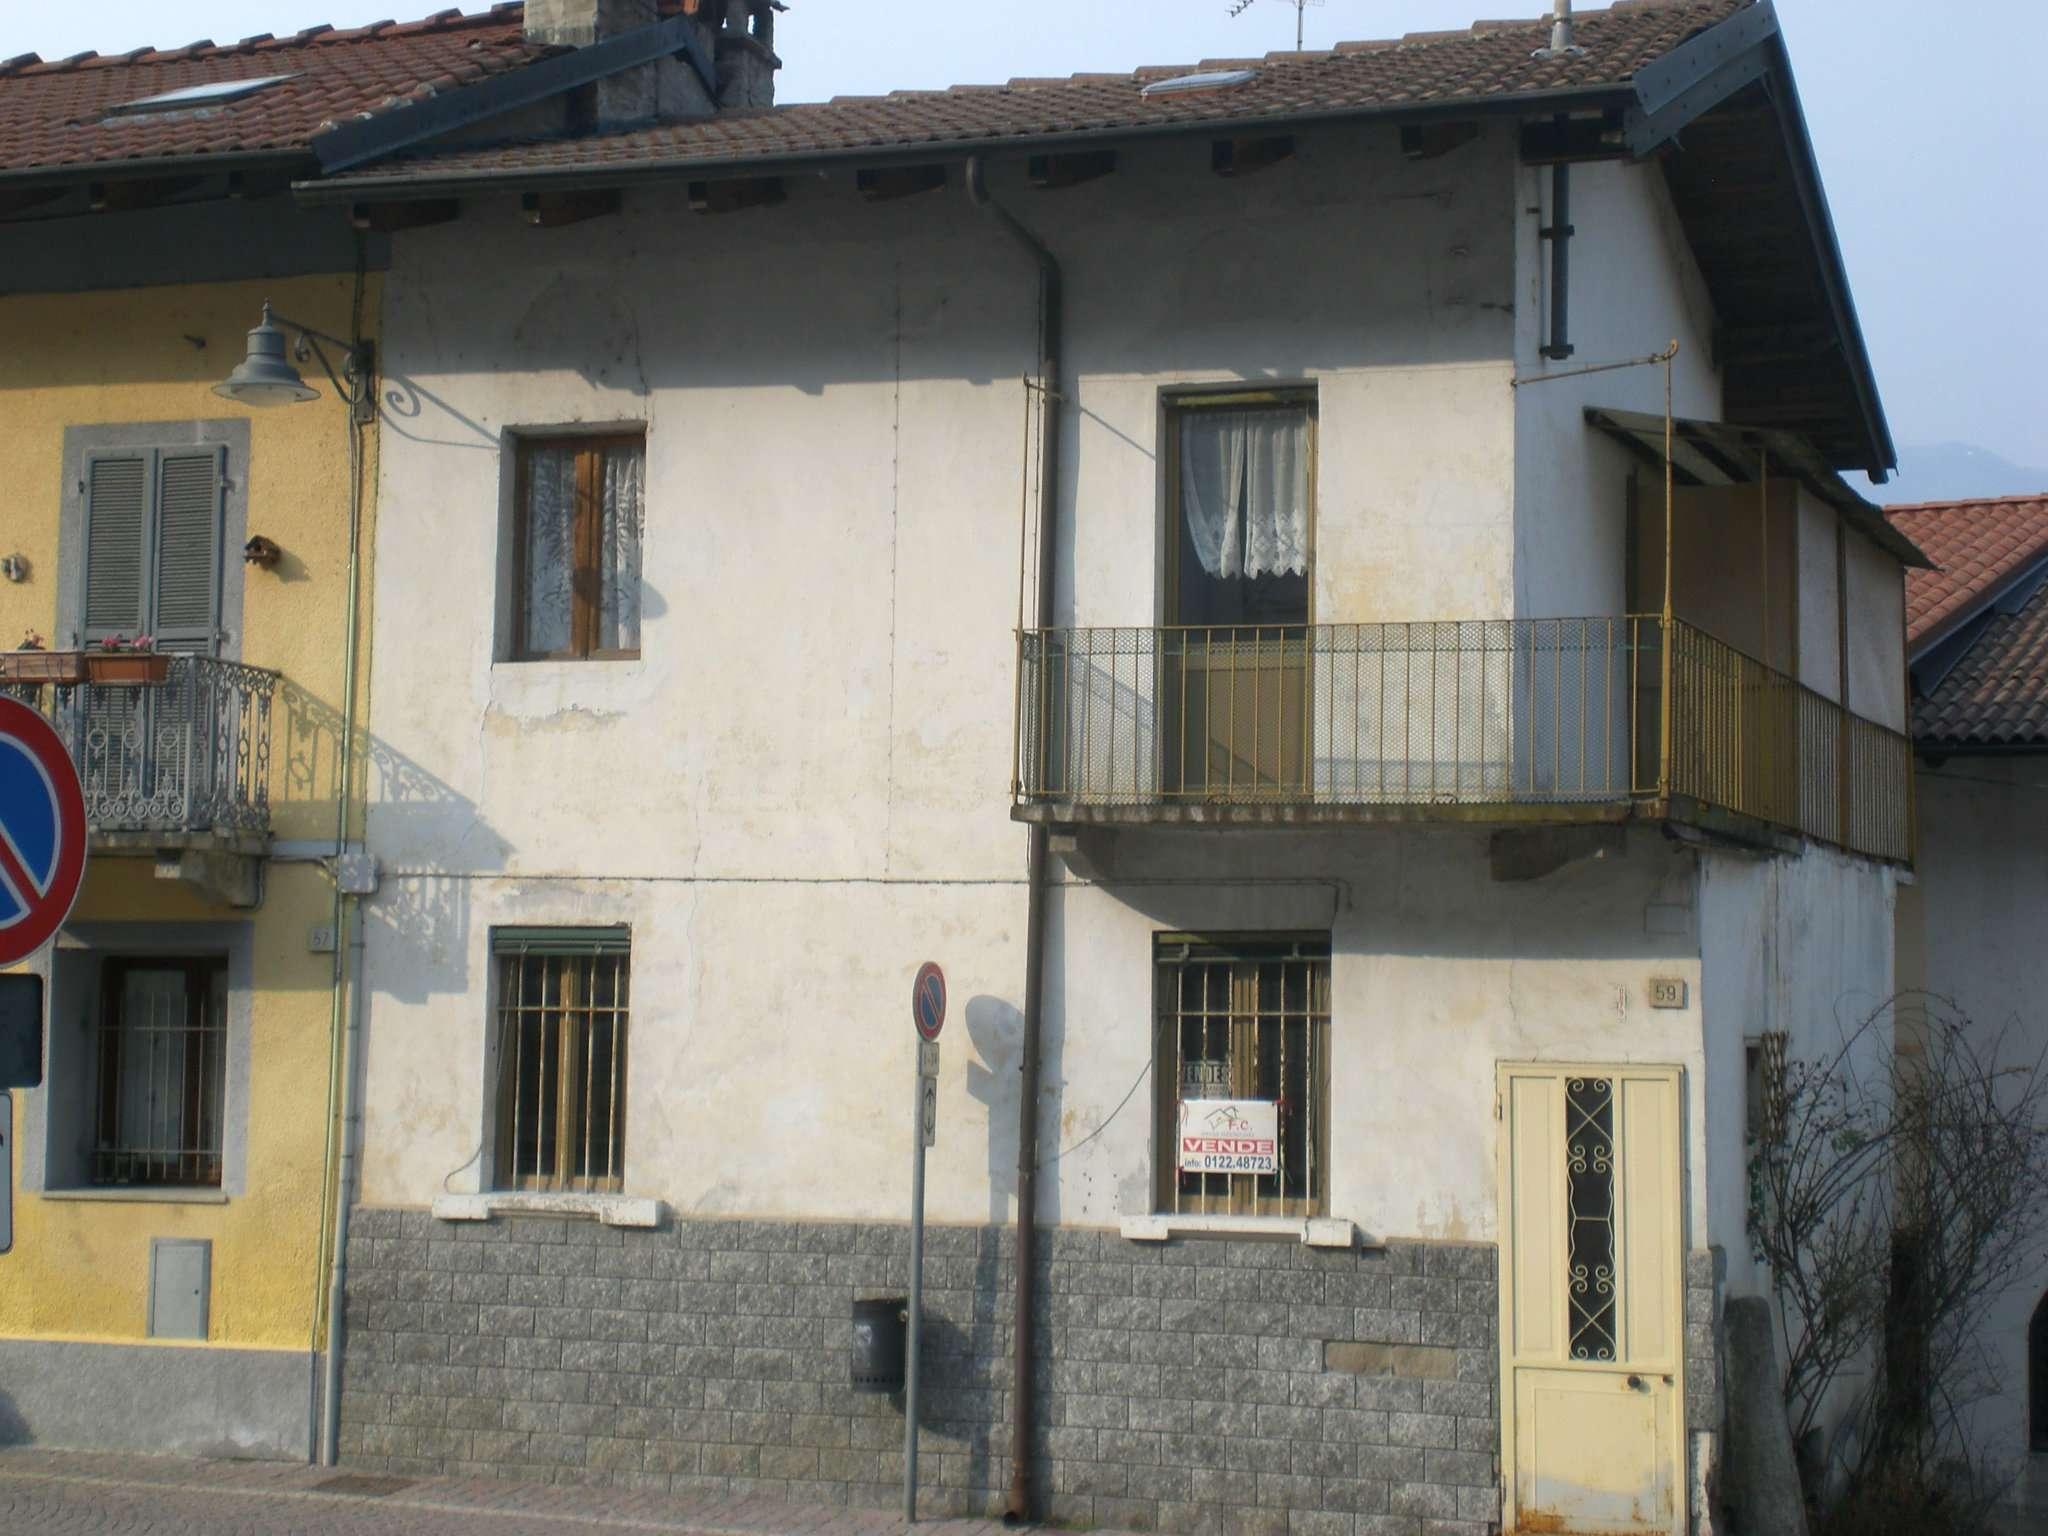 Soluzione Semindipendente in vendita a Chiusa di San Michele, 4 locali, prezzo € 29.000 | CambioCasa.it